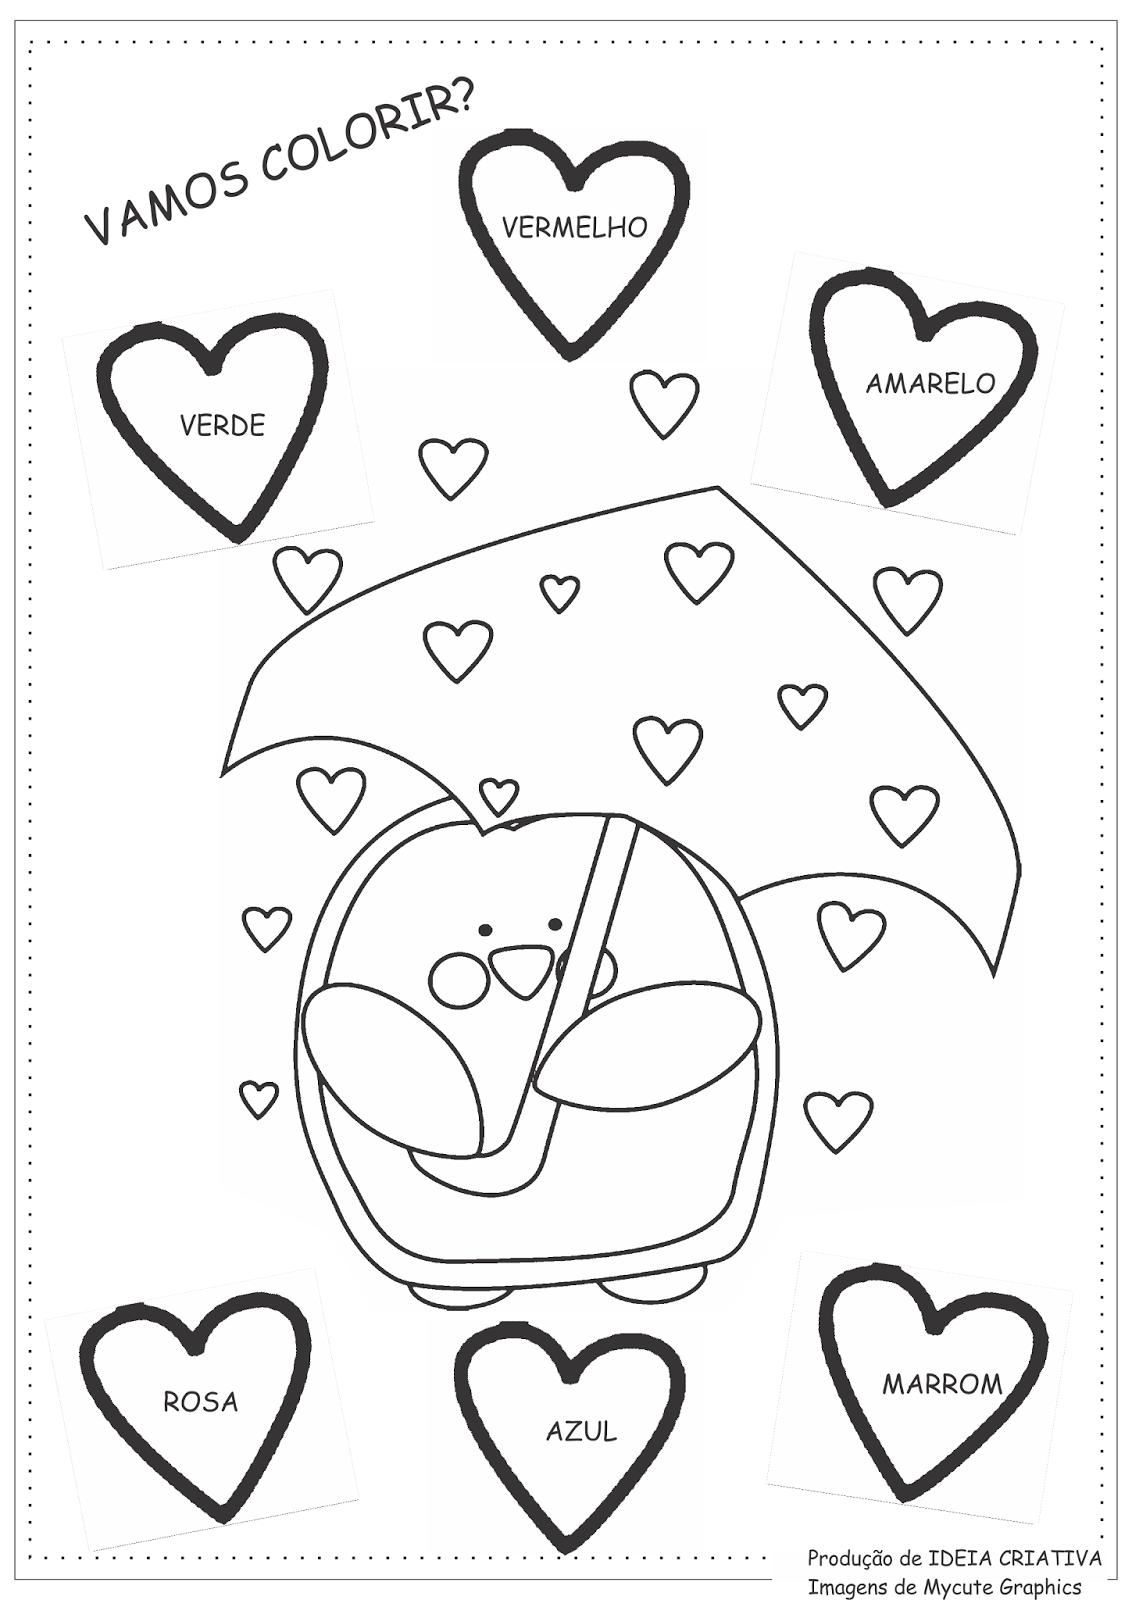 Amado Atividades Cores Educação Infantil O Pinguim | Ideia Criativa - Gi  CJ23